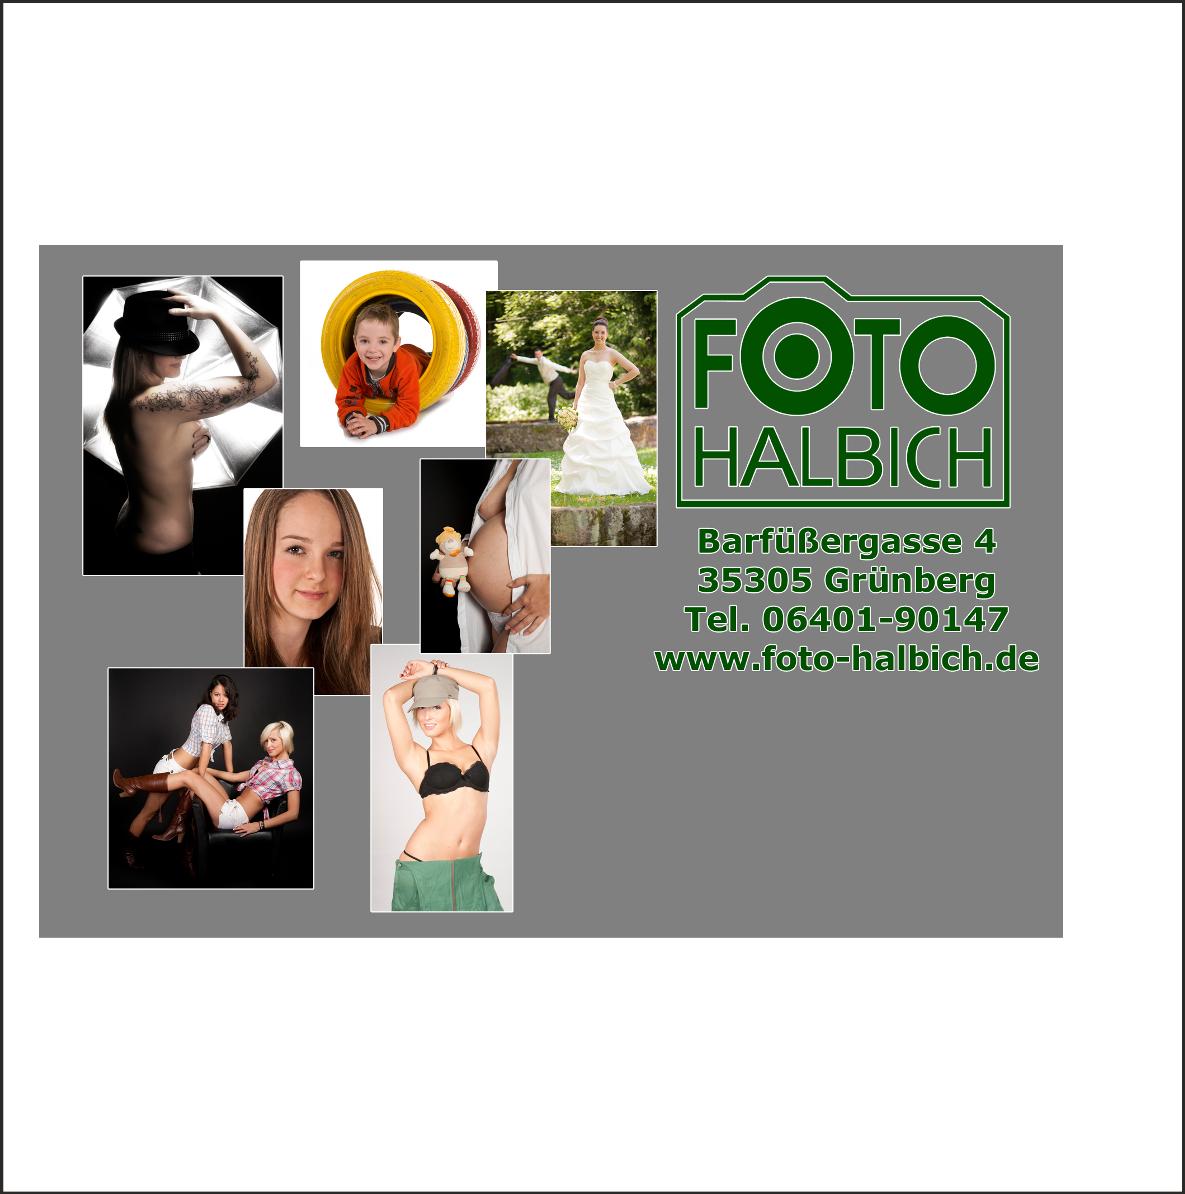 Foto Halbich